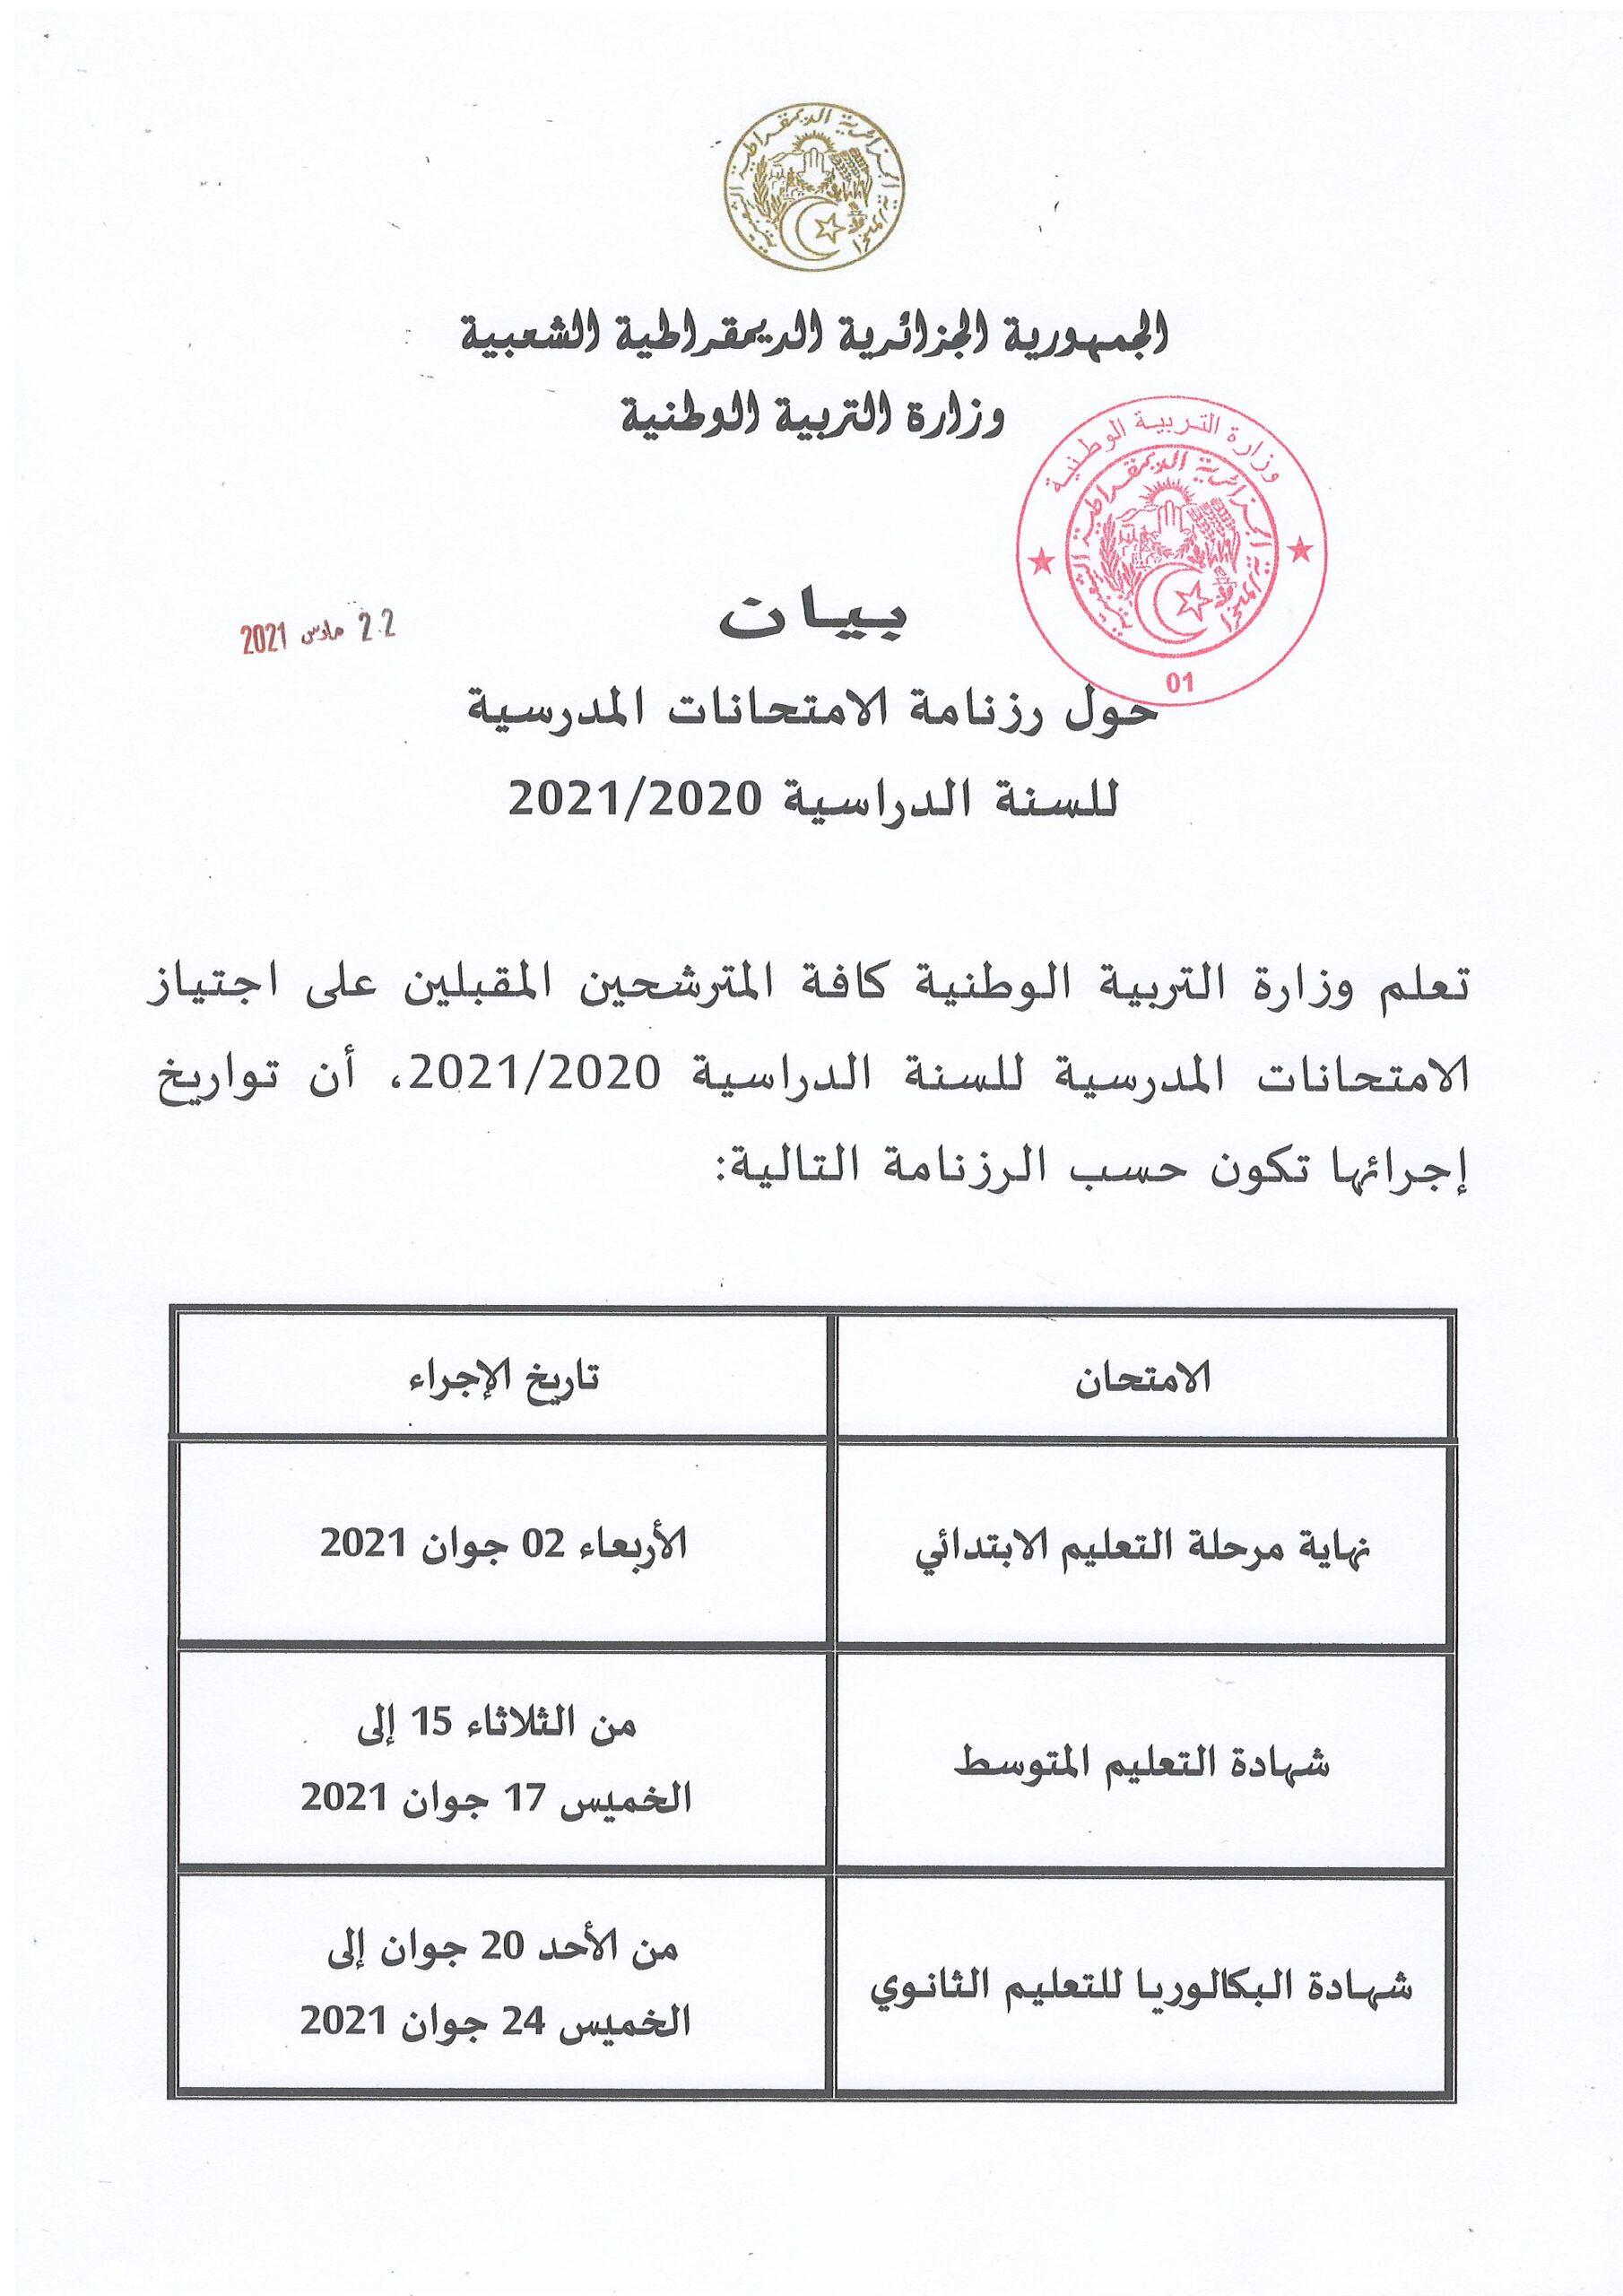 تاريخ إجراء إمتحان شهادة الباكلوريا للتعليم الثانوي 2021 4